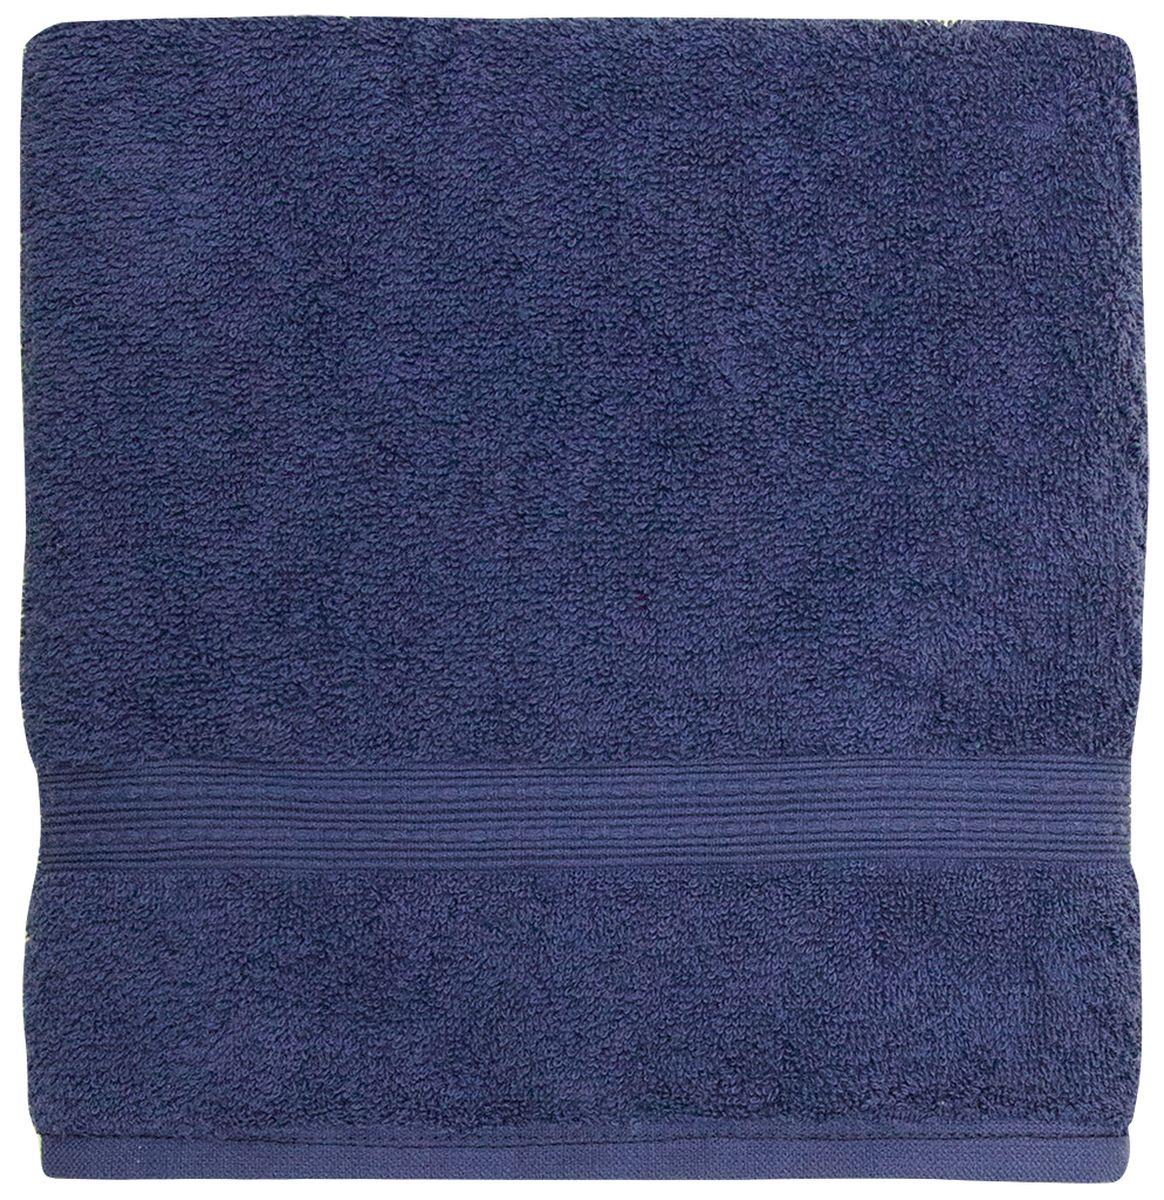 Полотенце банное Bonita Classic, цвет: сапфир, 70 х 140 см1011217226Банное полотенце Bonita Classic выполнено из 100% хлопка. Изделие отлично впитывает влагу, быстро сохнет, сохраняет яркость цвета и не теряет форму даже после многократных стирок. Такое полотенце очень практично и неприхотливо в уходе. Оно создаст прекрасное настроение и украсит интерьер в ванной комнате.